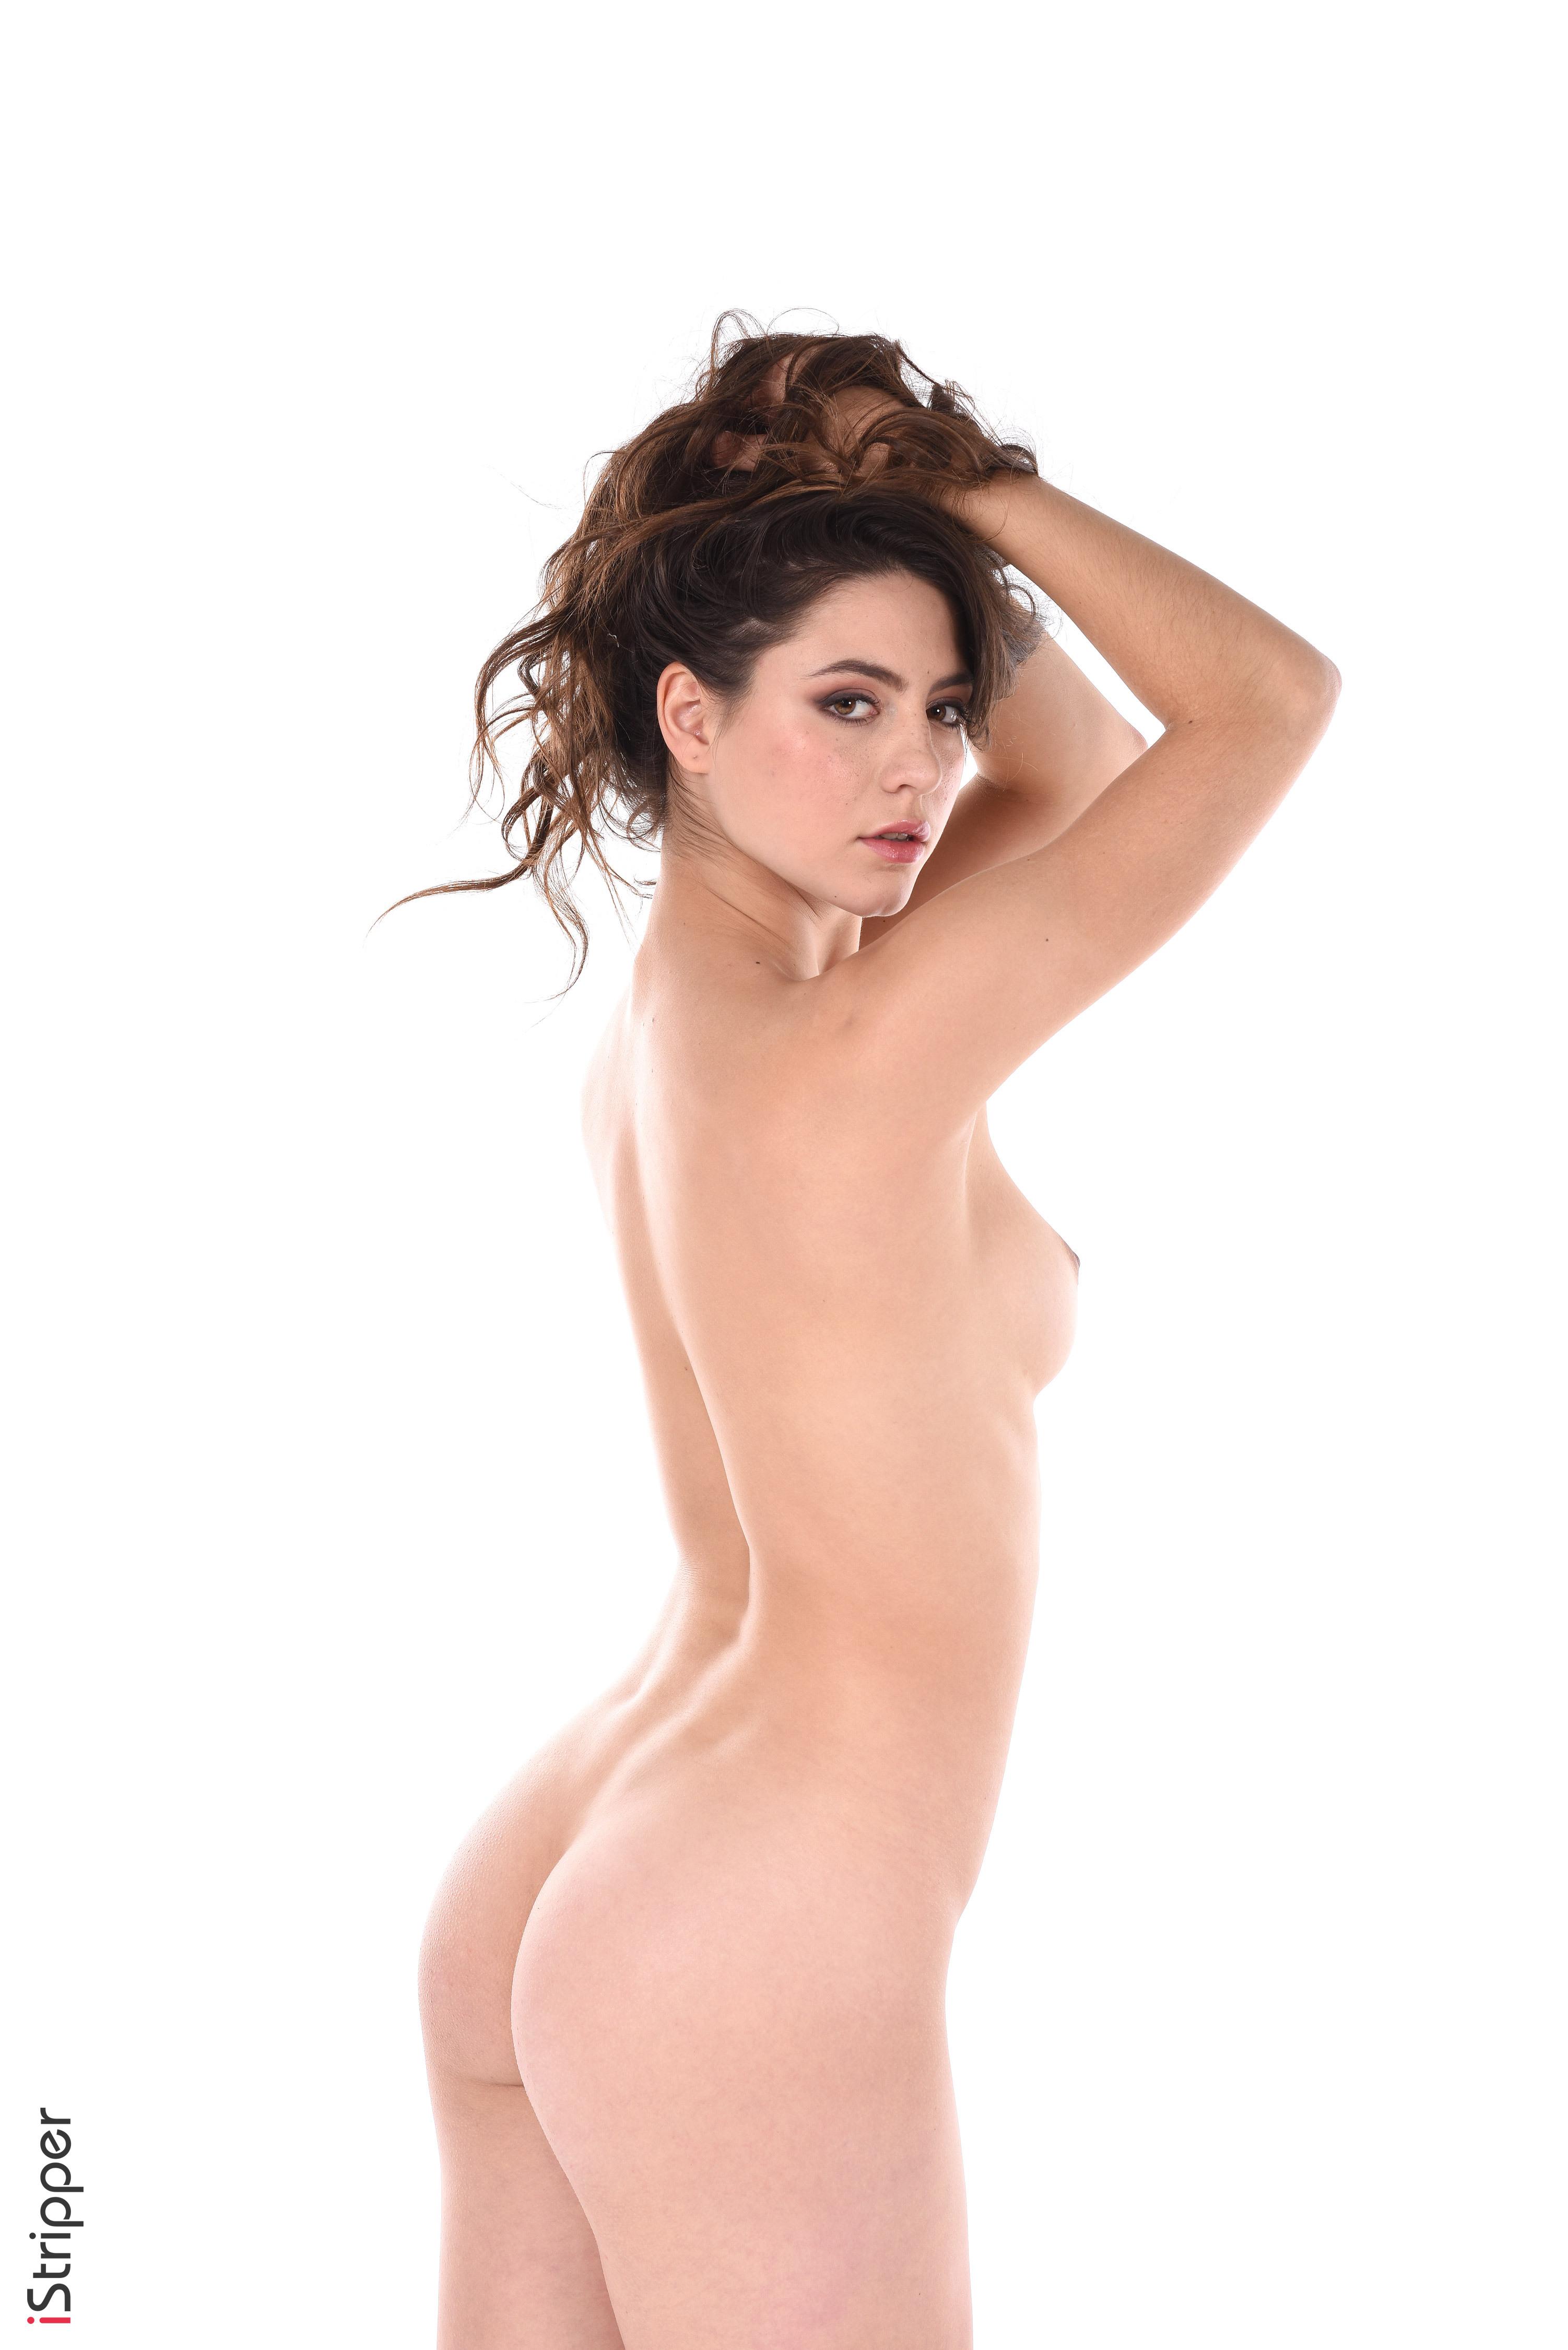 hd wallpapers hd nude behati